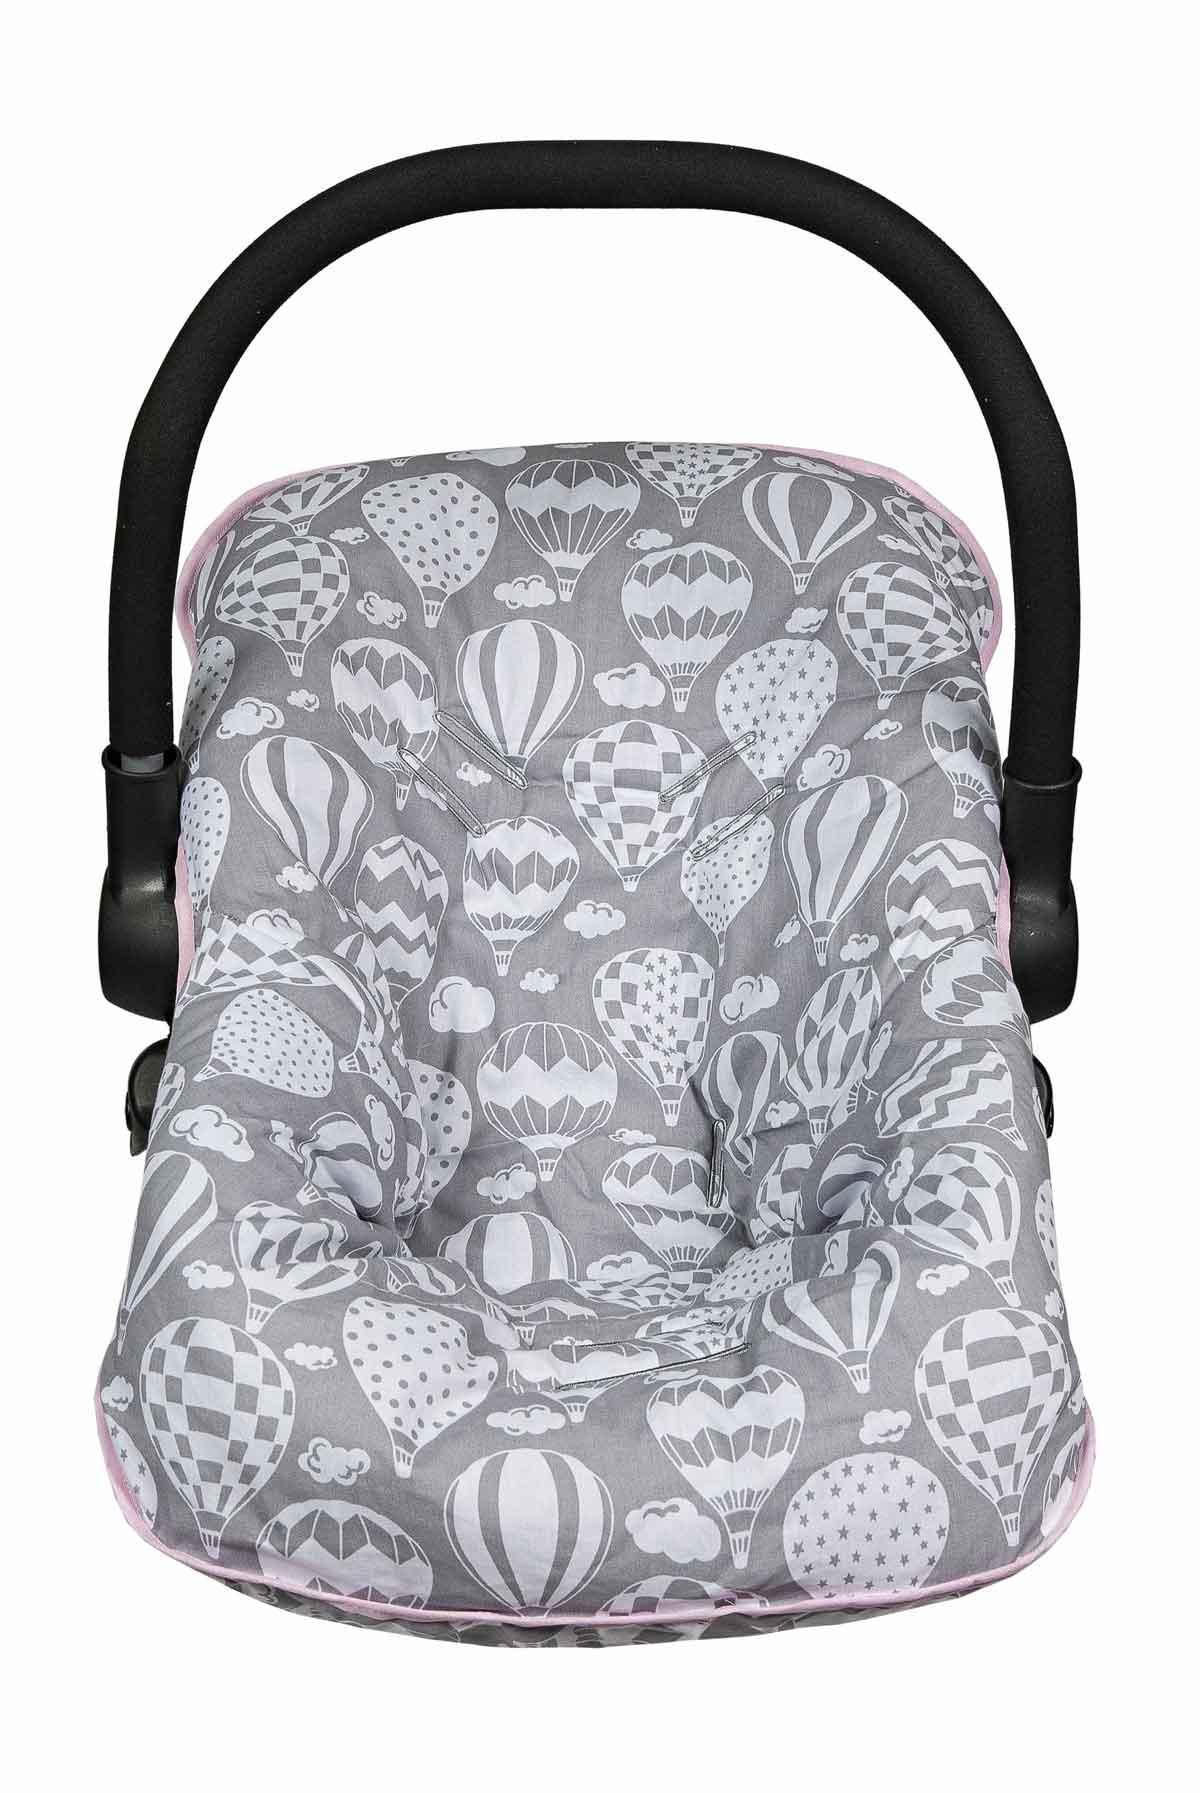 Capa para Bebê Conforto Menina Balão Cinza